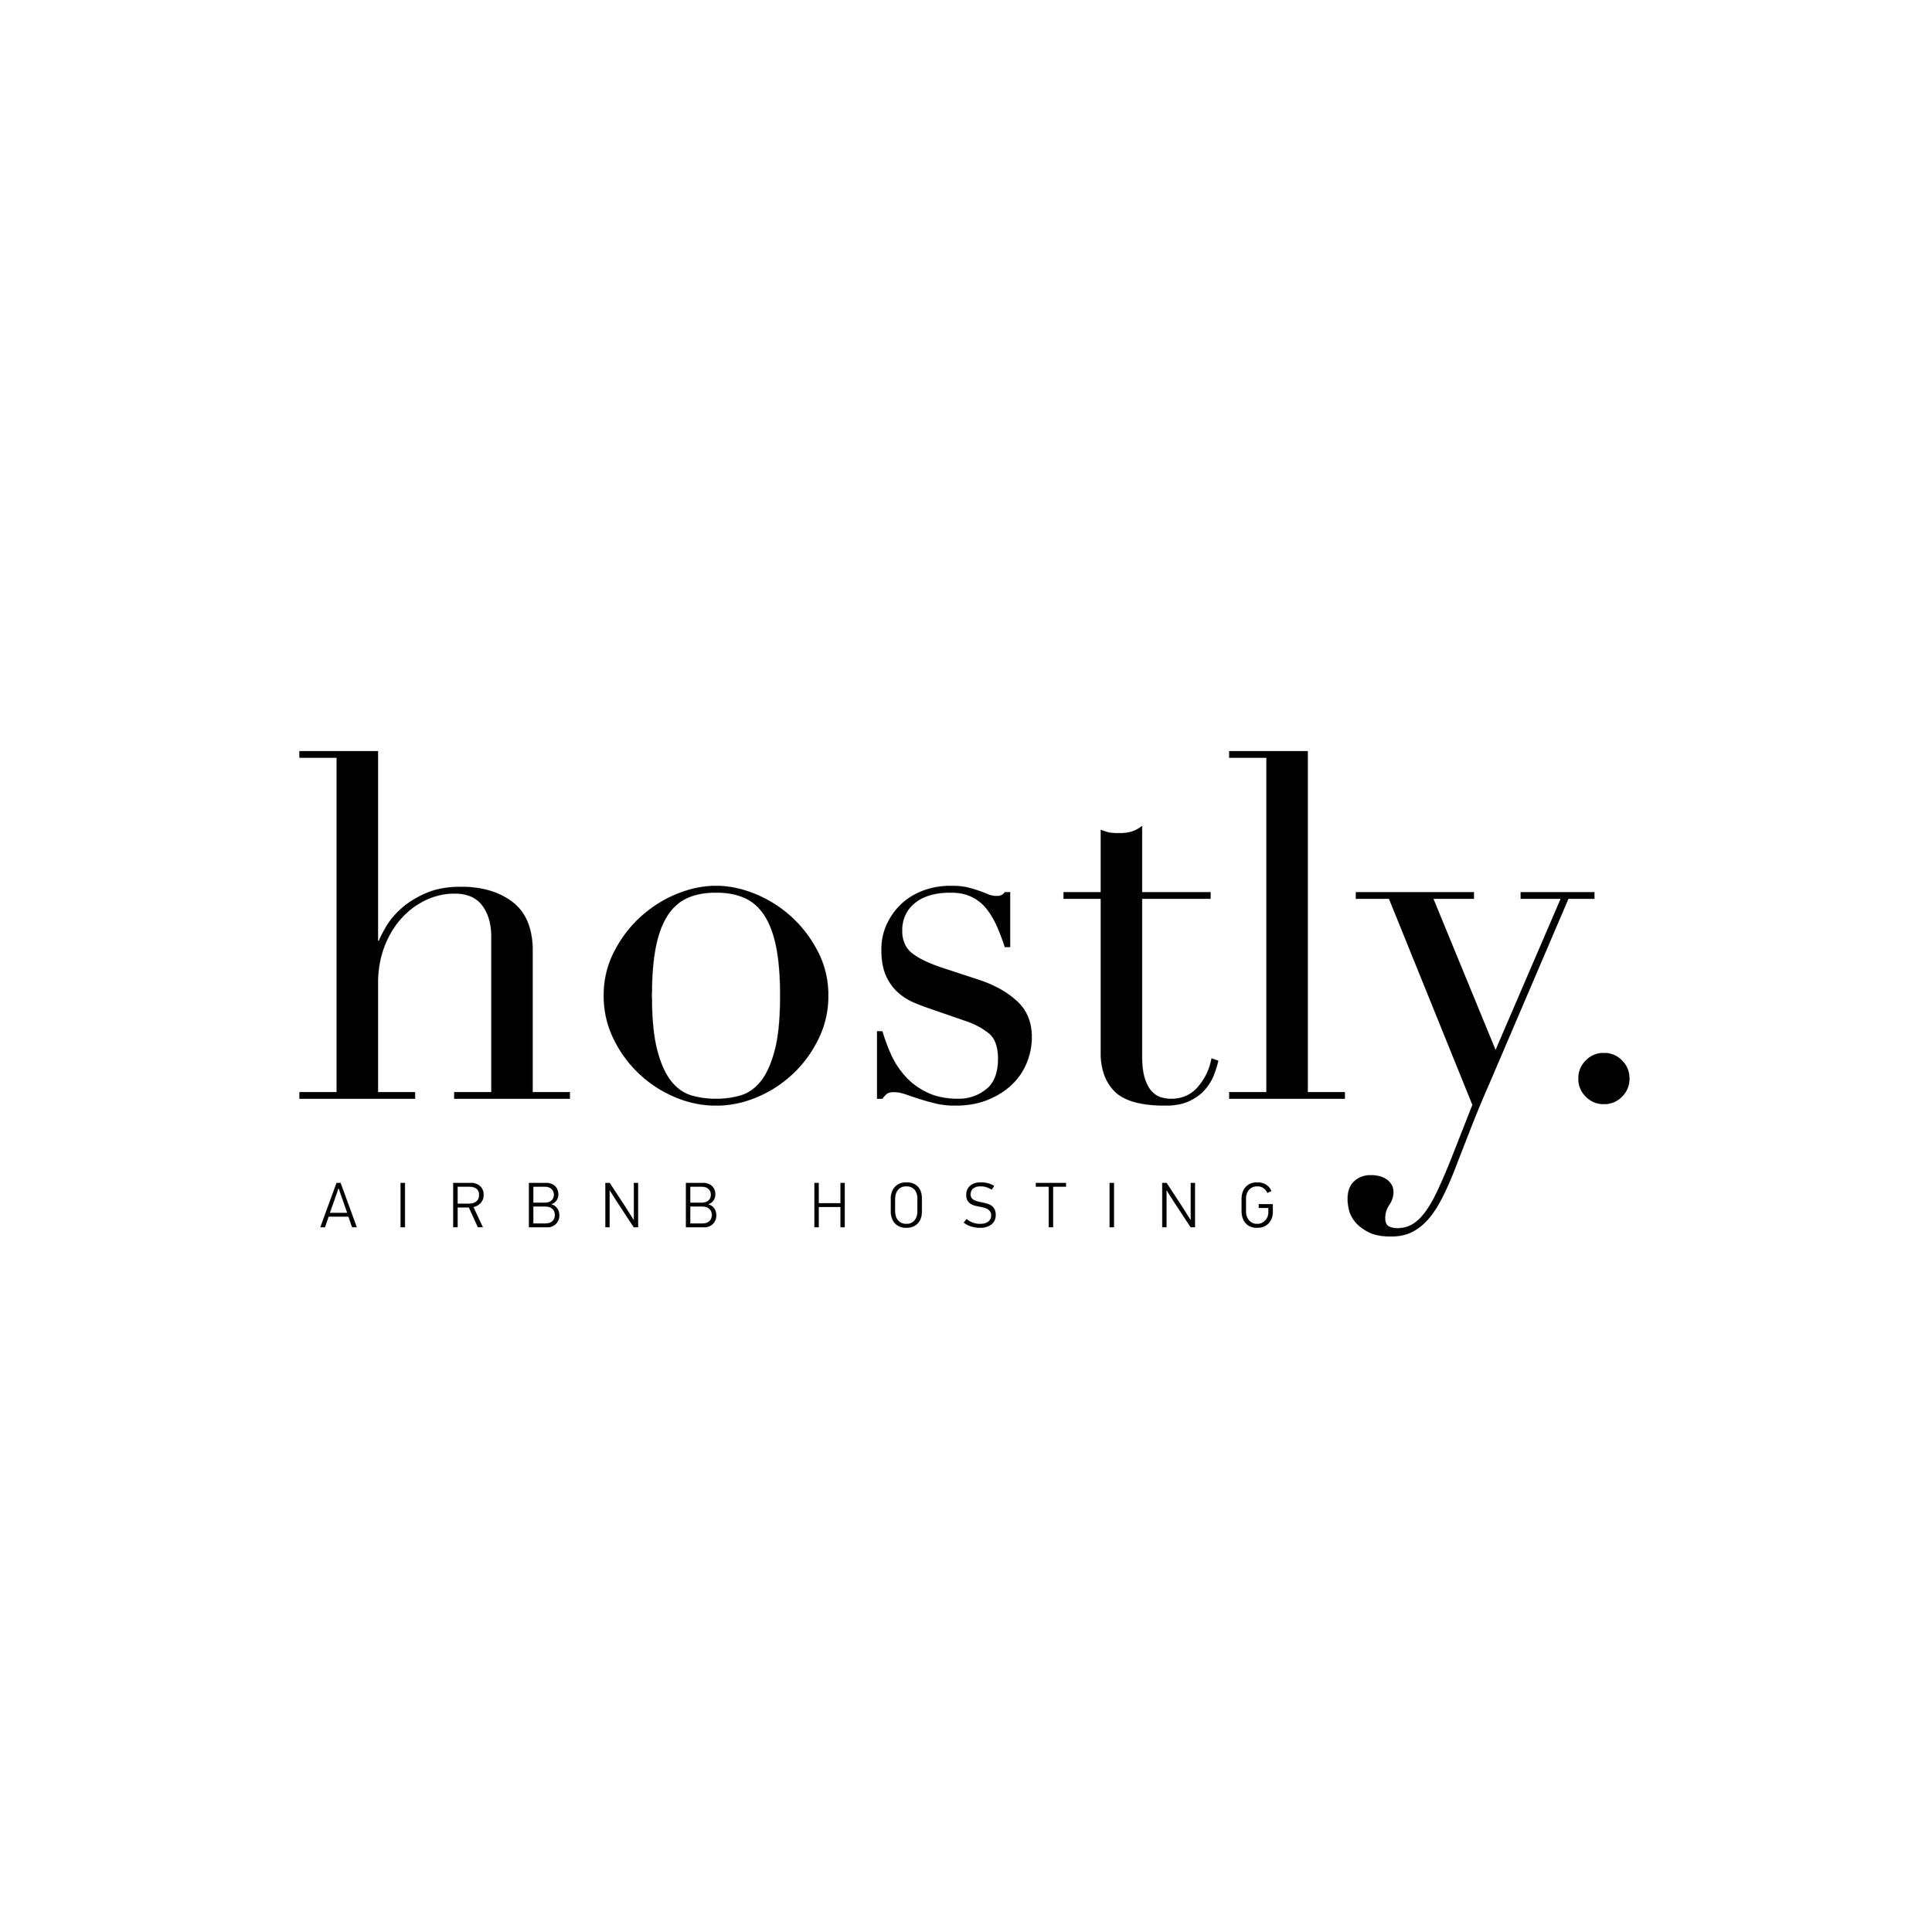 Hostly